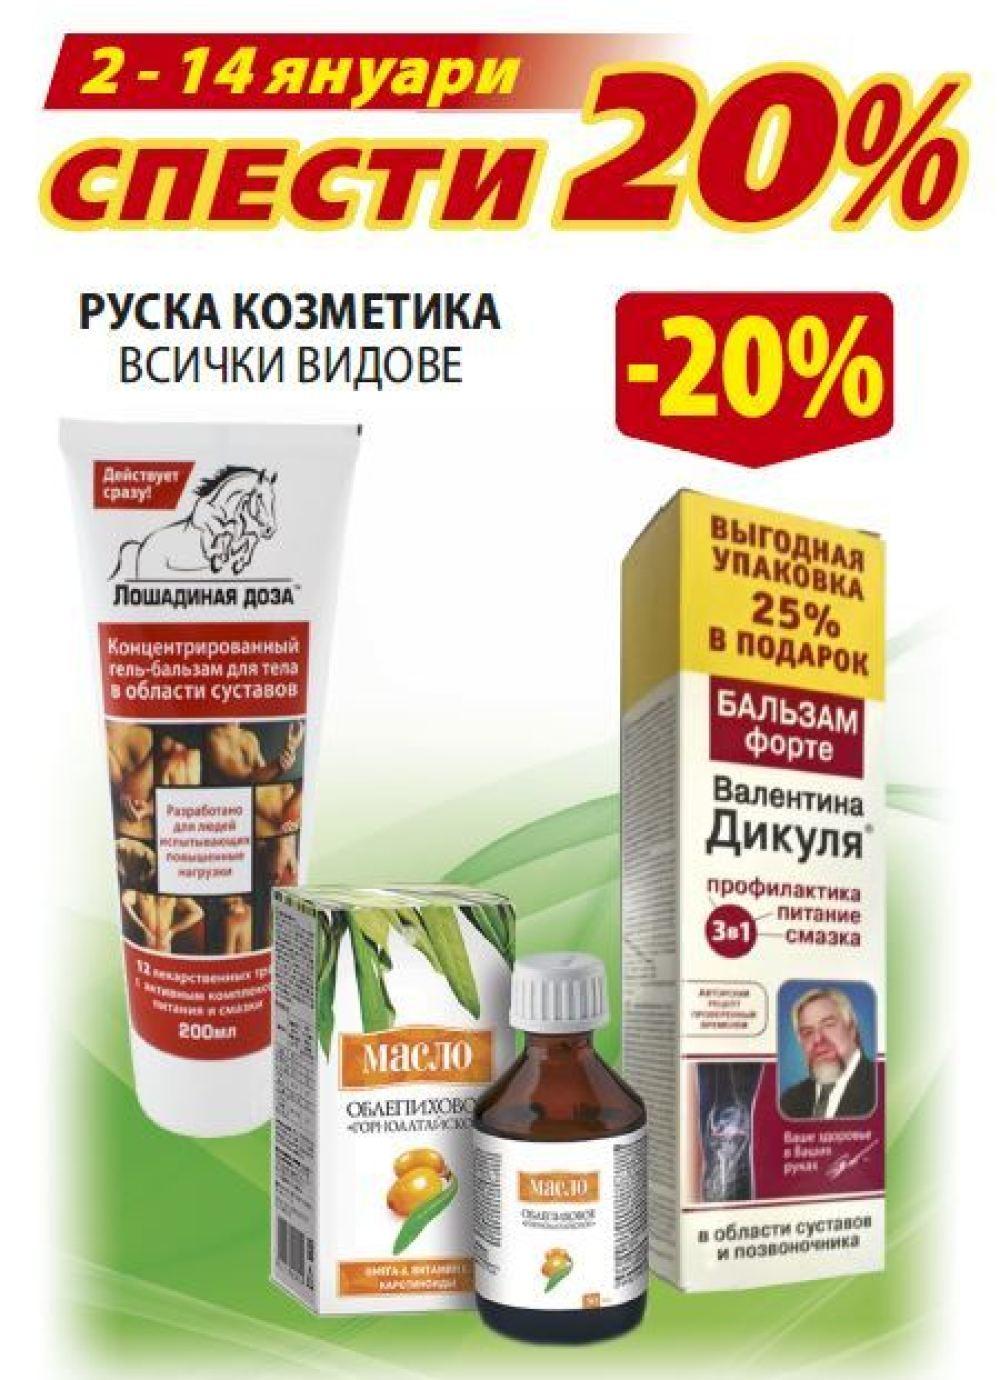 Снимка: Руска козметика от Berezka с намаление от - 20 %